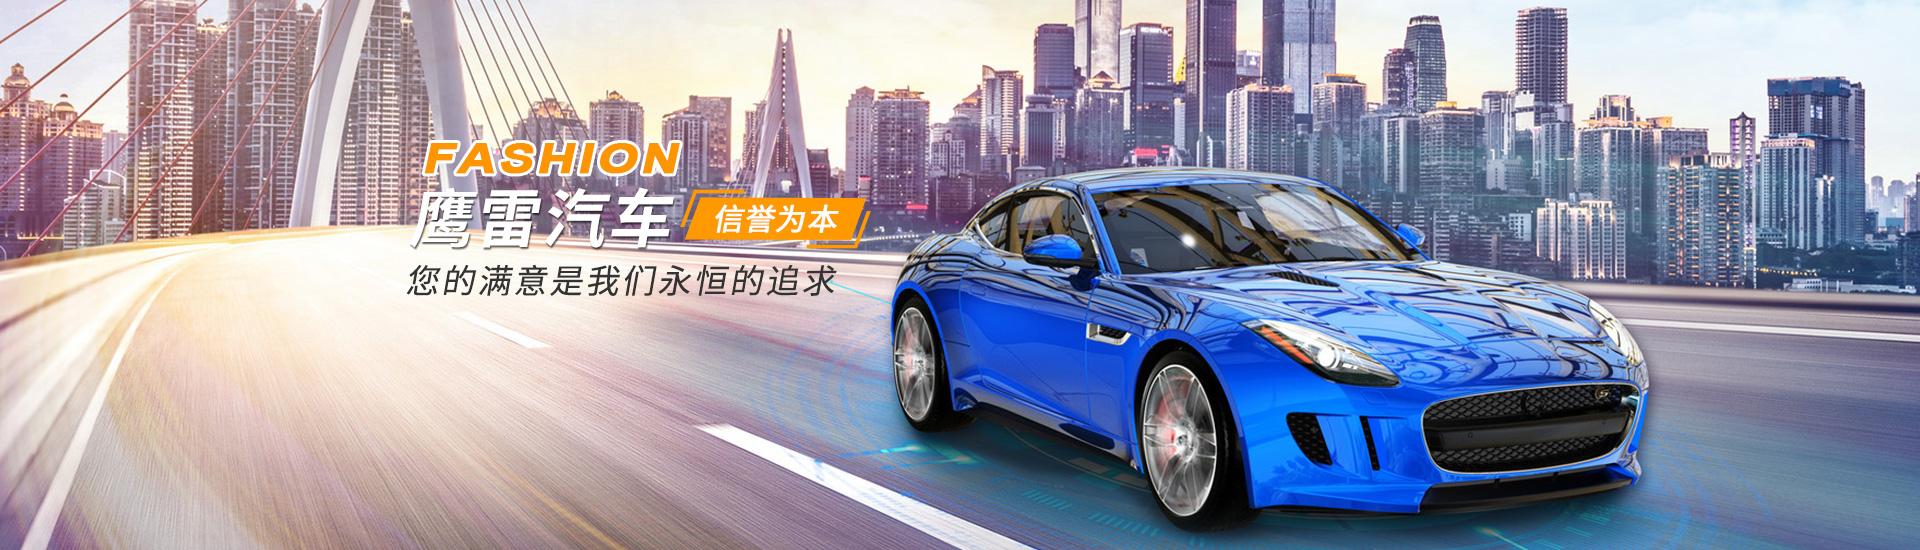 上海鹰雷汽车贸易有限公司